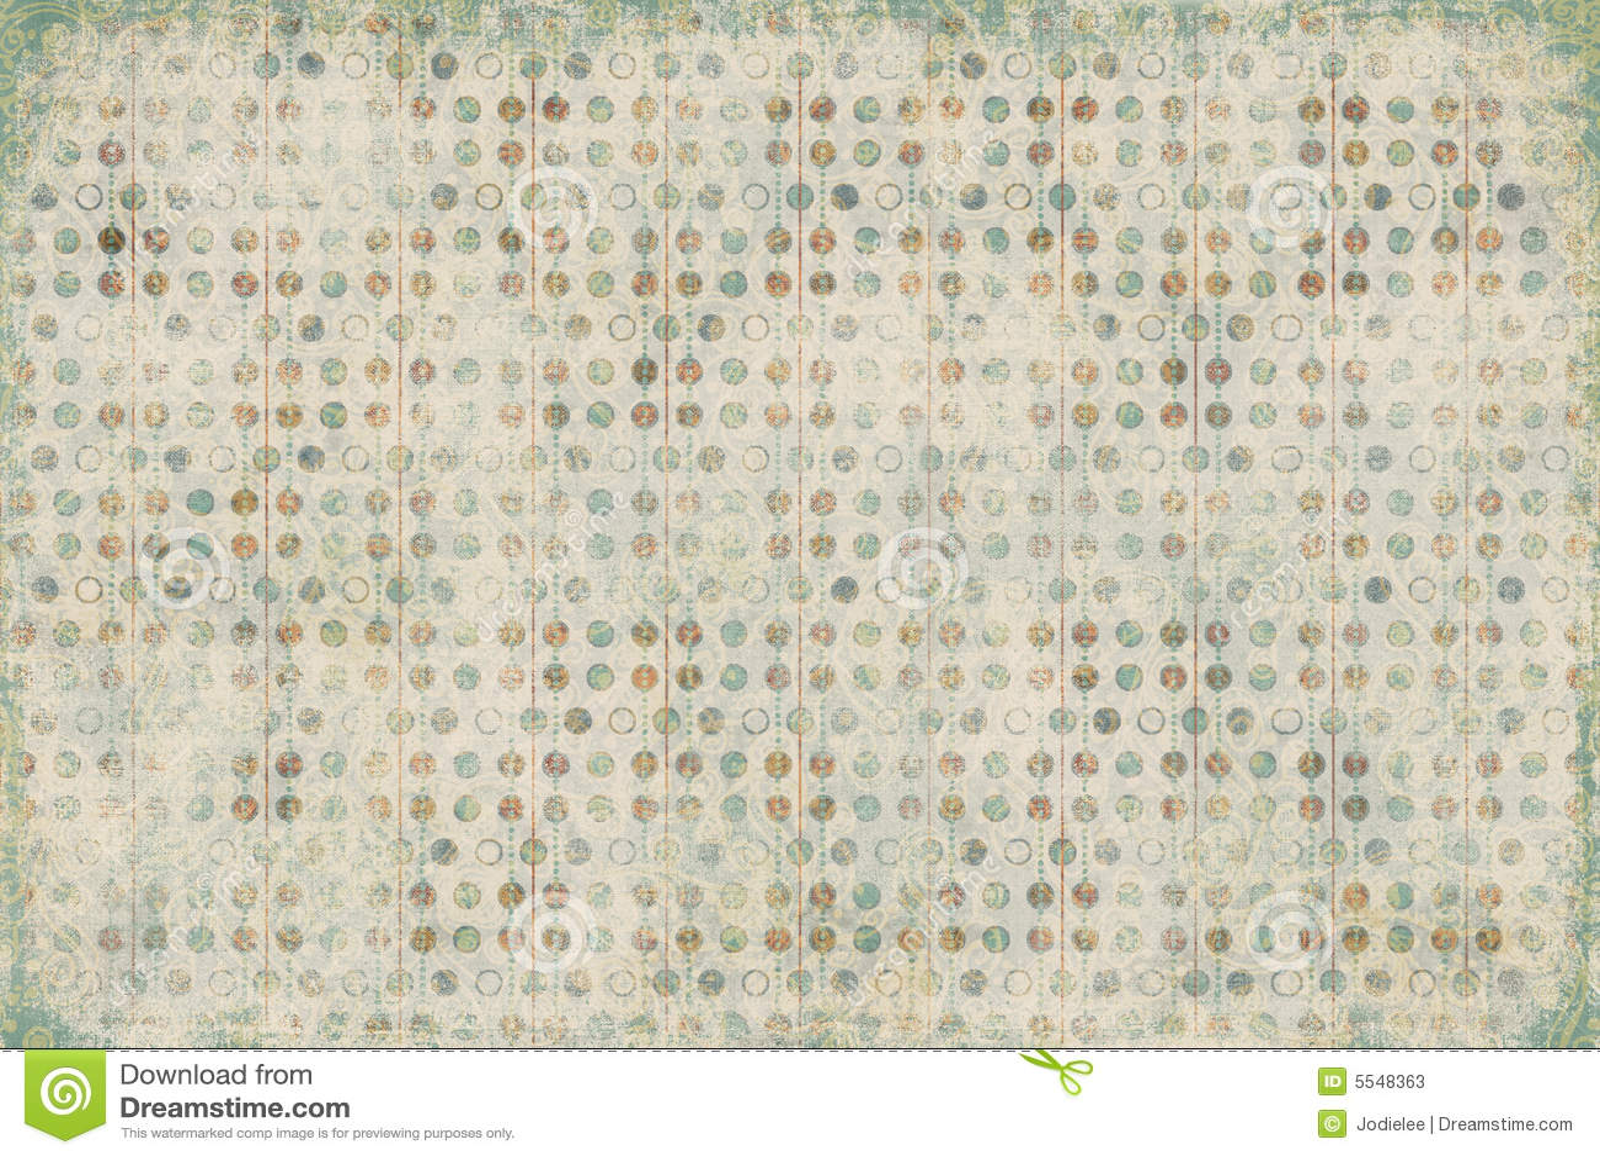 Papier ze słodyczami album rozpoznał textured